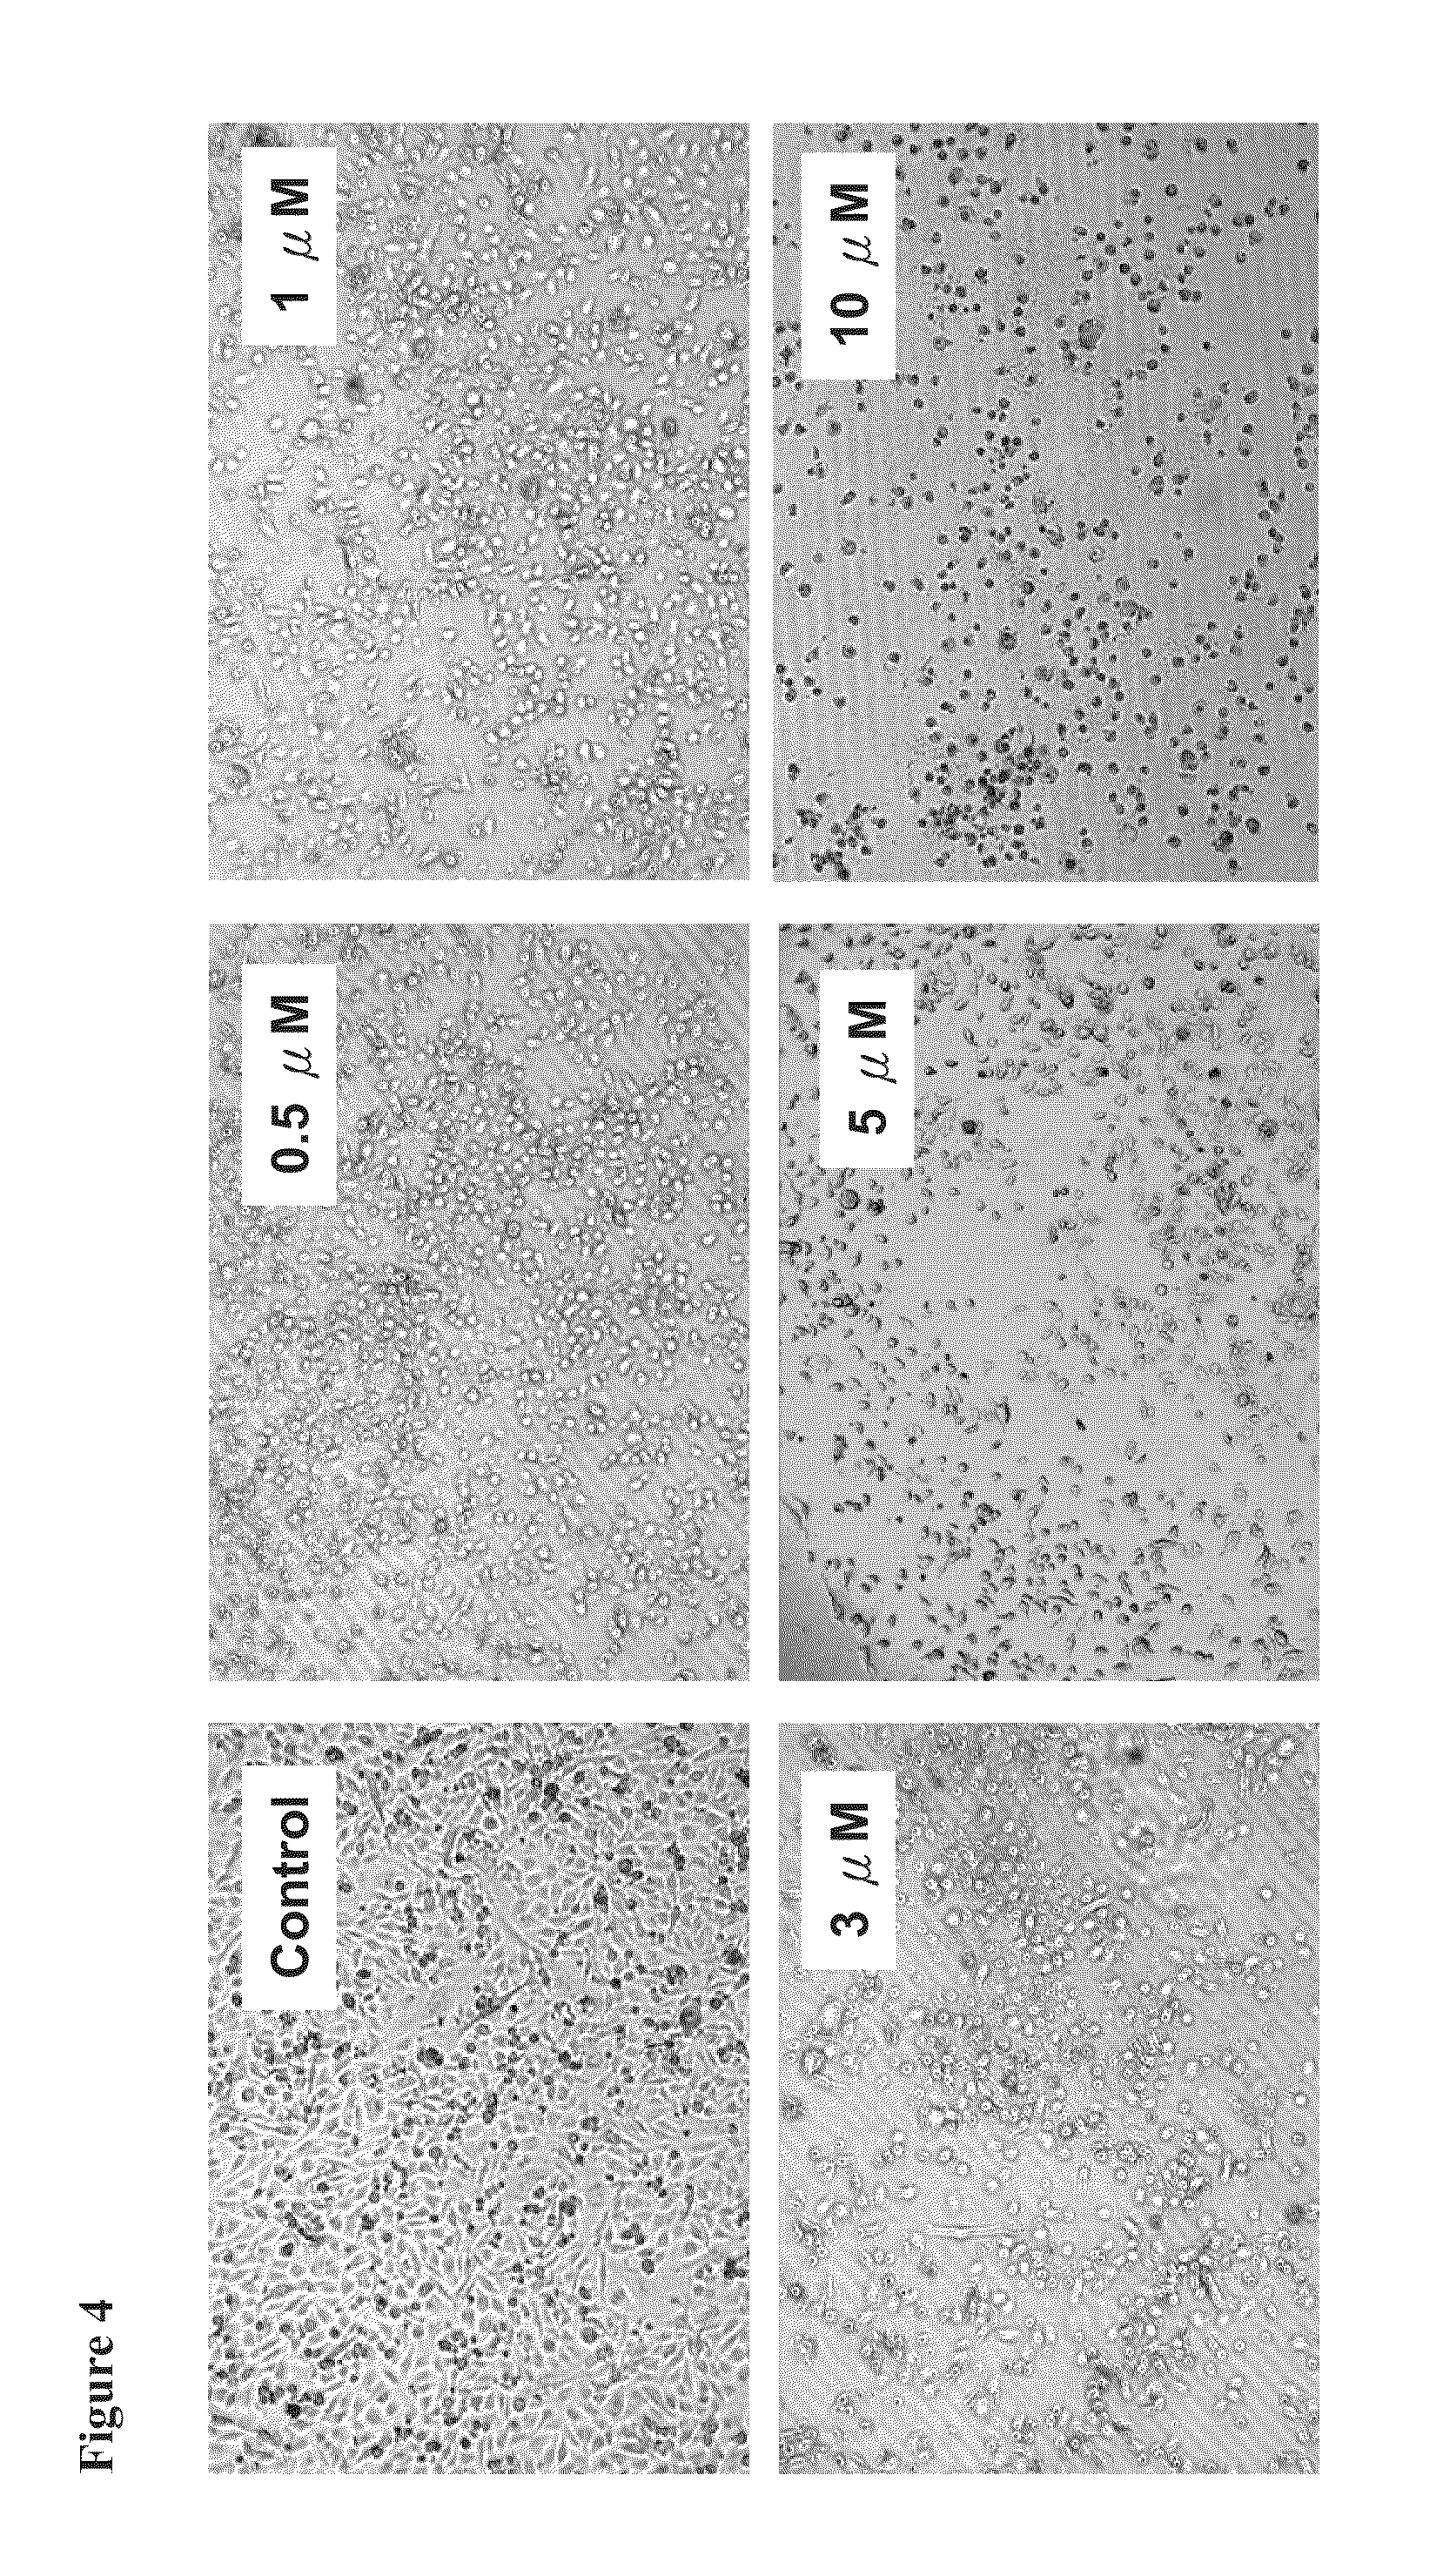 US20110263700A1 - Antrocin containing pharmaceutical